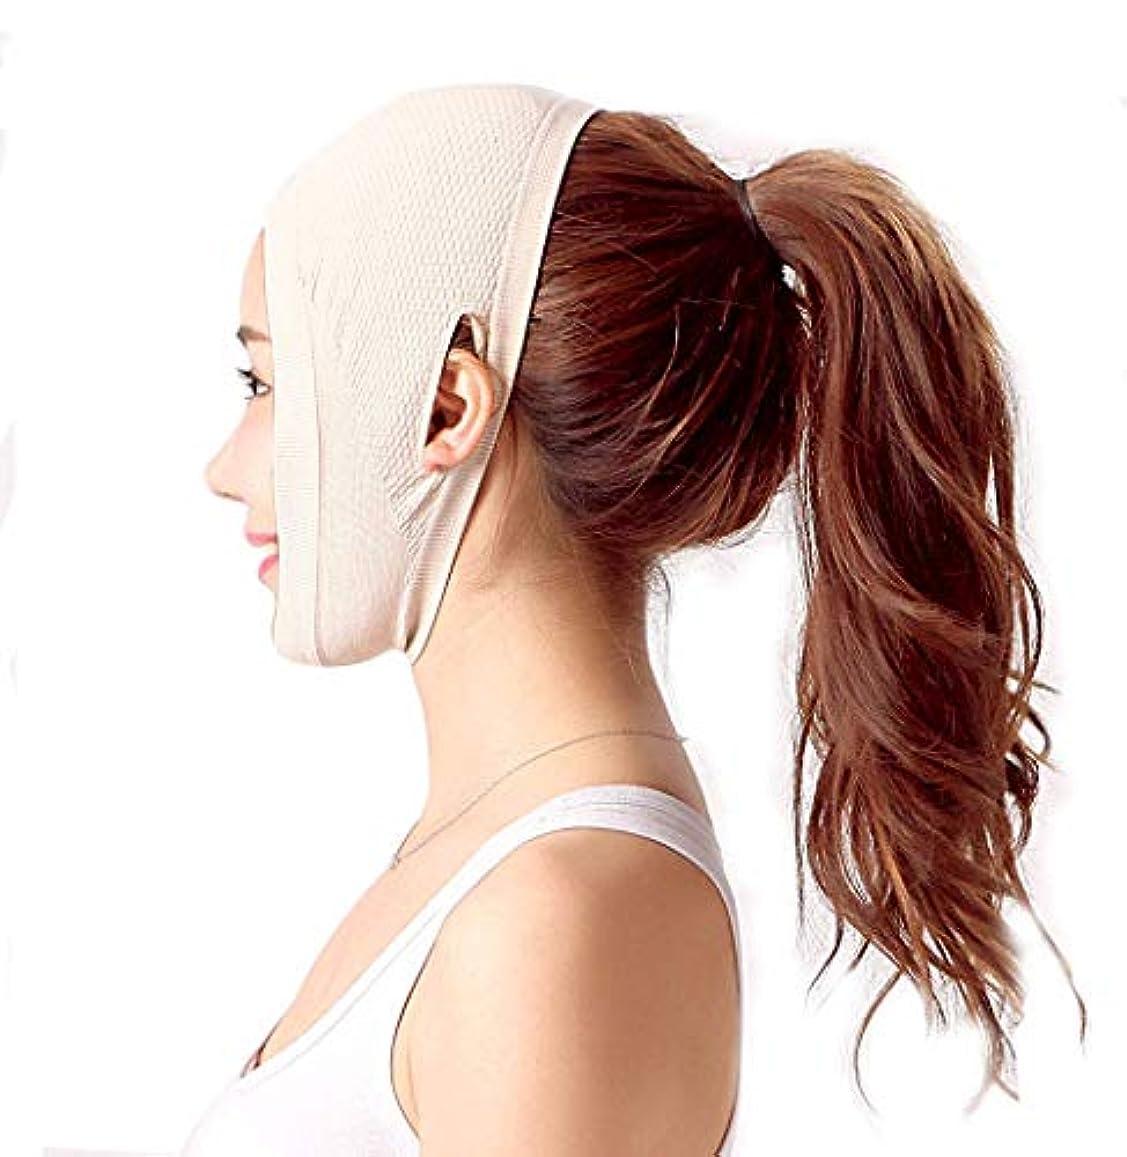 リーン放射する熟達整形外科手術後の回復ヘッドギア医療マスク睡眠Vフェイスリフティング包帯薄いフェイスマスク(サイズ:肌の色(A)),肌の色調(A)